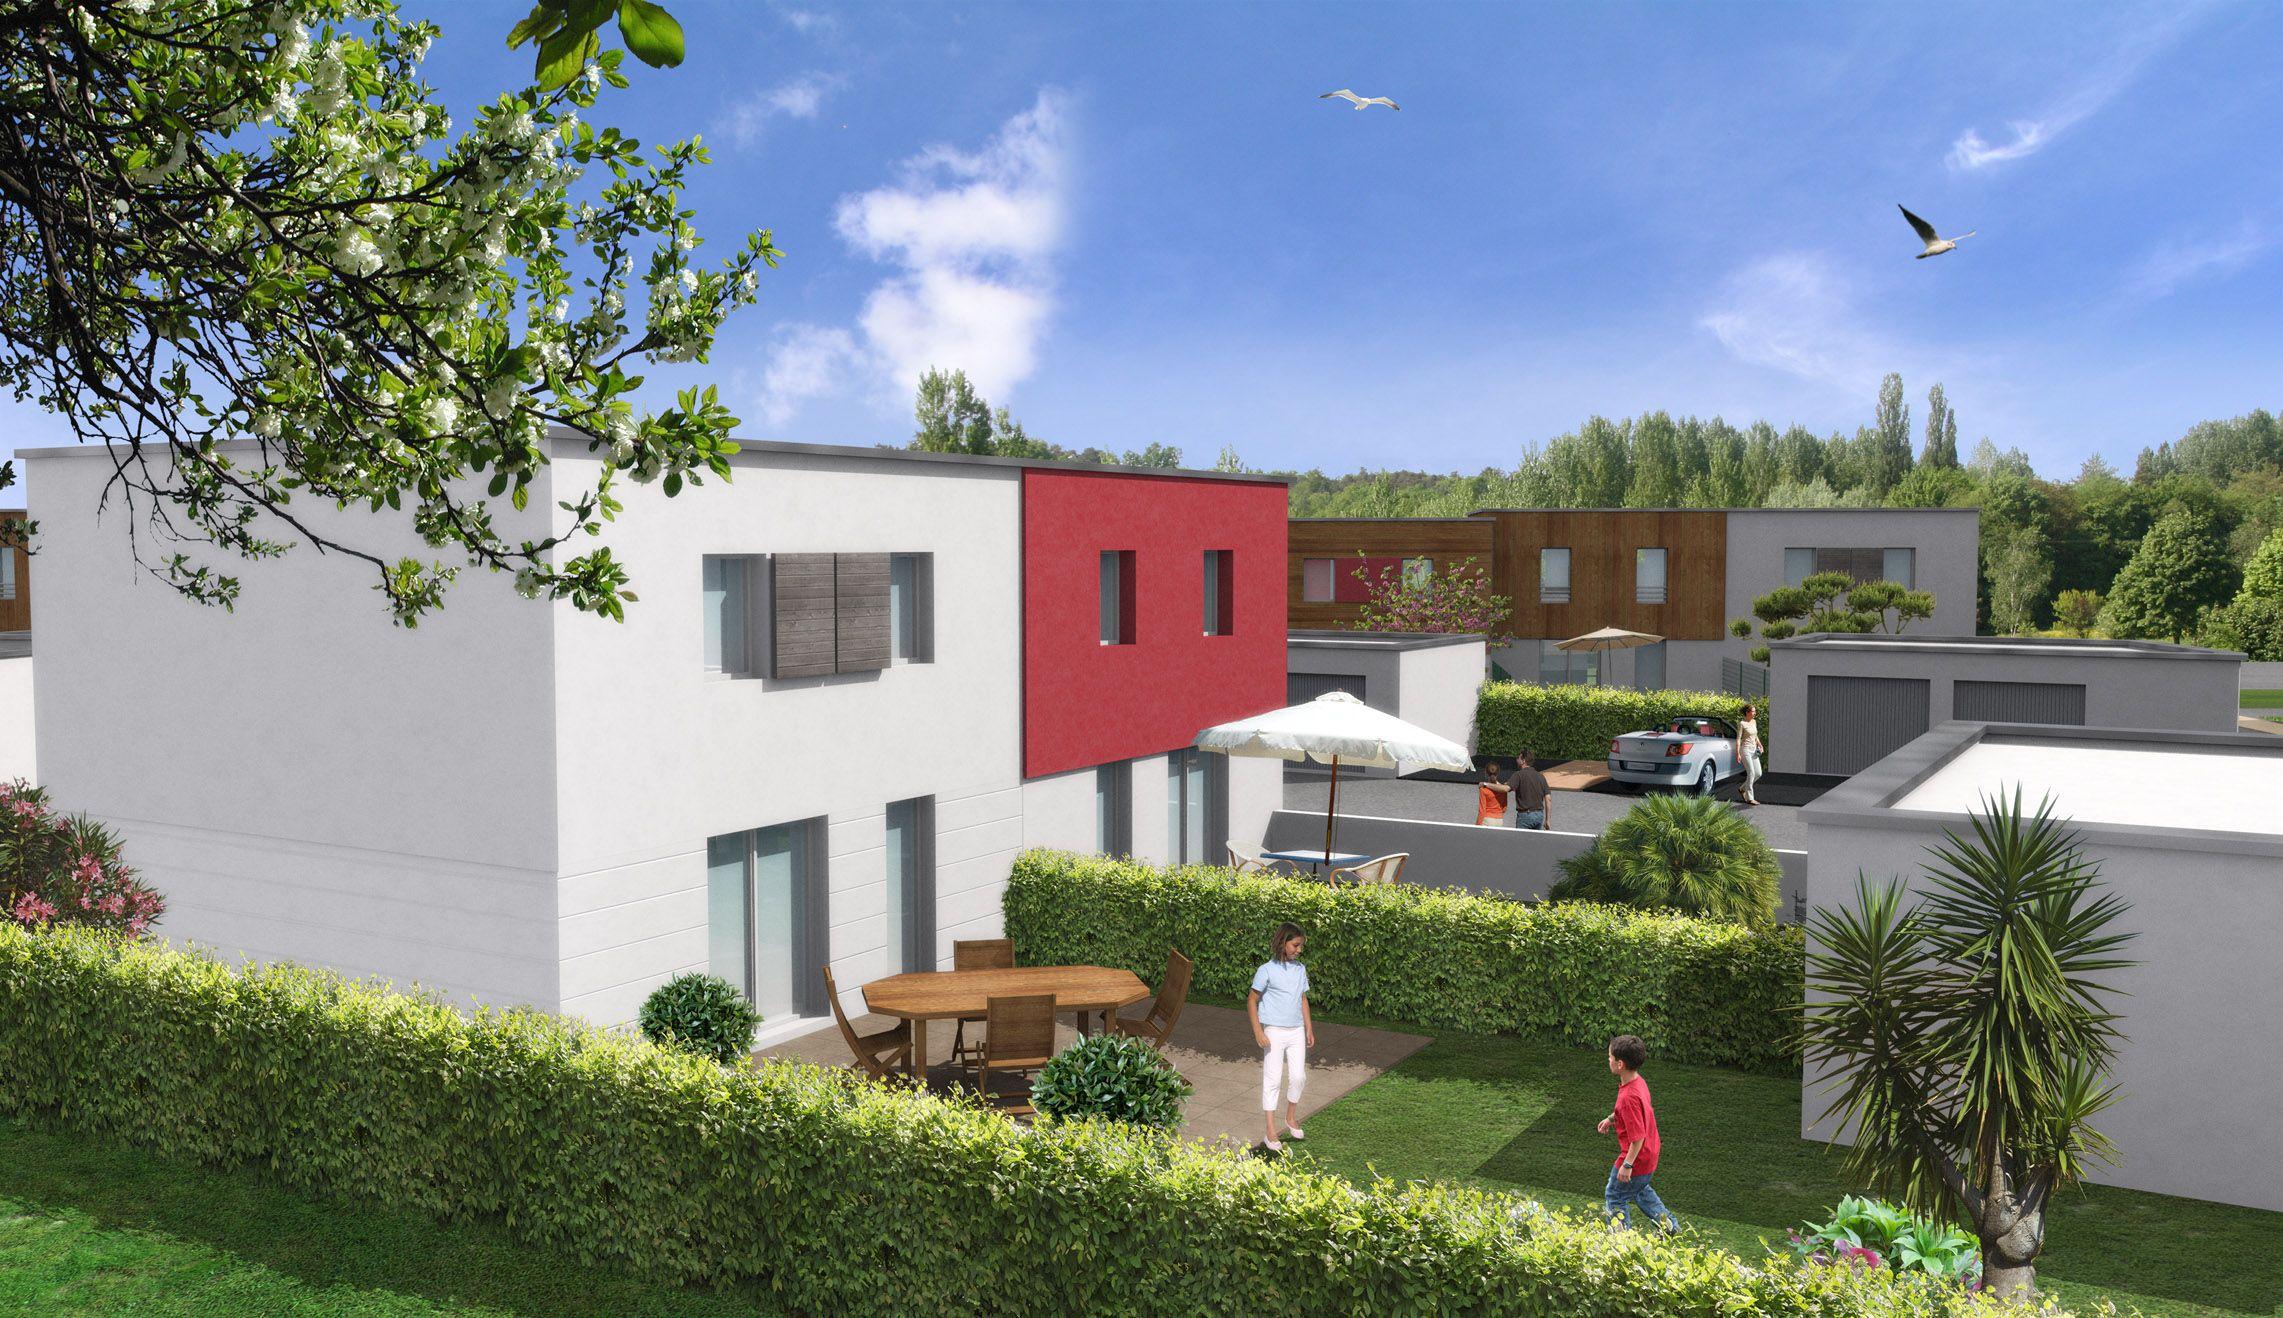 2 maisons 3 chambres avec jardin à vendre à Angoulins sur mer. Visitez notre site web: http://www.groupe-littoral.com/